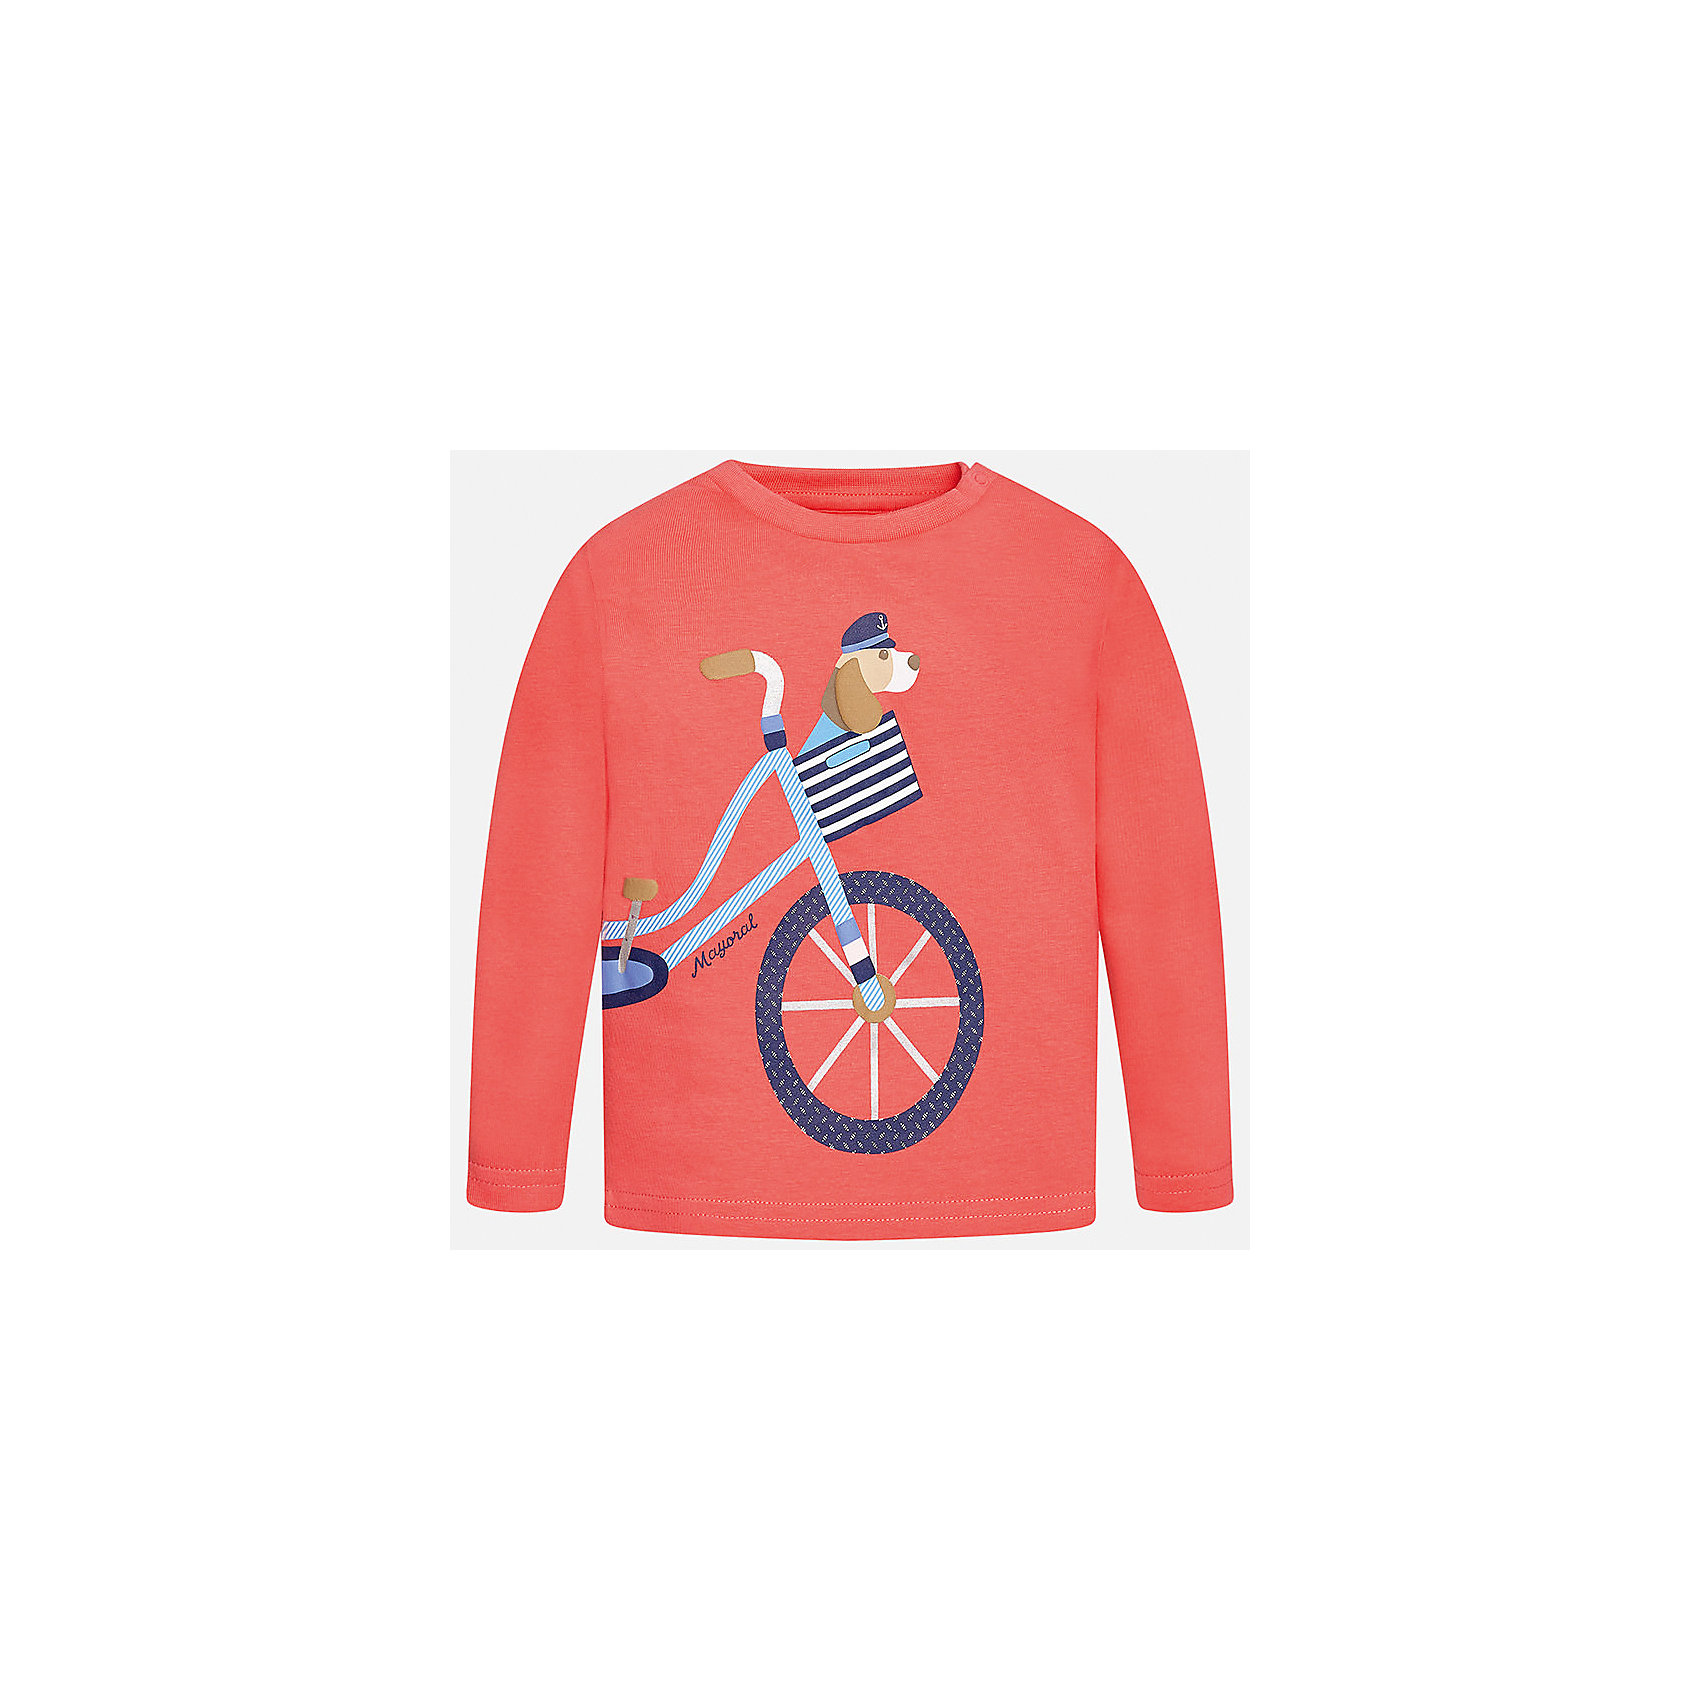 Футболка с длинным рукавом для мальчика MayoralФутболки с длинным рукавом<br>Характеристики товара:<br><br>• цвет: оранжевый<br>• состав: 100% хлопок<br>• округлый горловой вырез<br>• декорирована принтом<br>• длинные рукава<br>• мягкая отделка горловины<br>• страна бренда: Испания<br><br>Красивая хлопковая футболка с принтом поможет разнообразить гардероб мальчика. Она отлично сочетается с брюками, шортами, джинсами. Универсальный крой и цвет позволяет подобрать к вещи низ разных расцветок. Практичное и стильное изделие! Хорошо смотрится и комфортно сидит на детях. В составе материала - только натуральный хлопок, гипоаллергенный, приятный на ощупь, дышащий. <br><br>Одежда, обувь и аксессуары от испанского бренда Mayoral полюбились детям и взрослым по всему миру. Модели этой марки - стильные и удобные. Для их производства используются только безопасные, качественные материалы и фурнитура. Порадуйте ребенка модными и красивыми вещами от Mayoral! <br><br>Футболку с длинным рукавом для мальчика от испанского бренда Mayoral (Майорал) можно купить в нашем интернет-магазине.<br><br>Ширина мм: 230<br>Глубина мм: 40<br>Высота мм: 220<br>Вес г: 250<br>Цвет: розовый<br>Возраст от месяцев: 12<br>Возраст до месяцев: 18<br>Пол: Мужской<br>Возраст: Детский<br>Размер: 86,80,92<br>SKU: 5278521